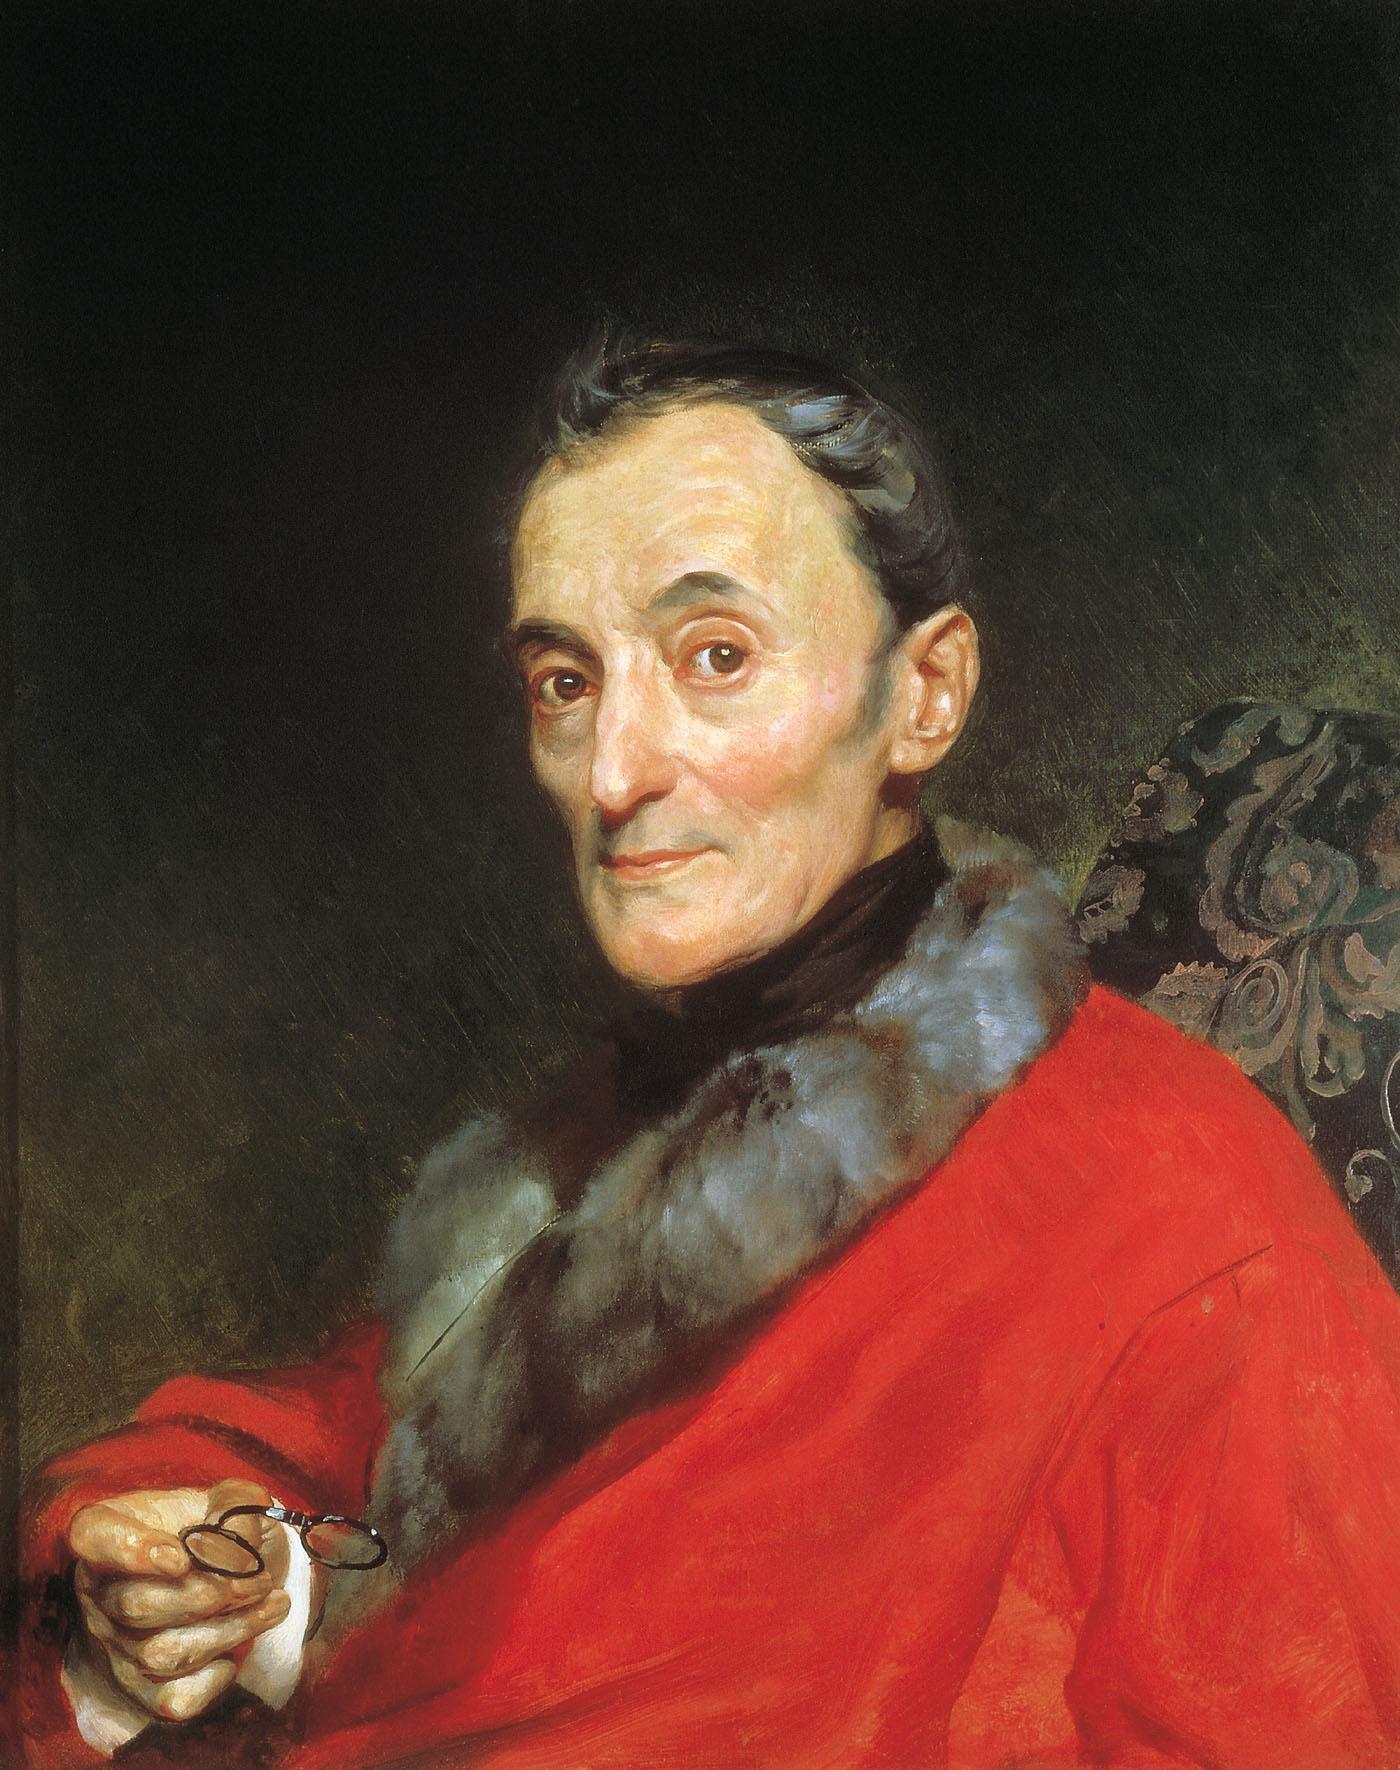 Брюллов К.. Портрет археолога Микеланджело Ланчи. 1851